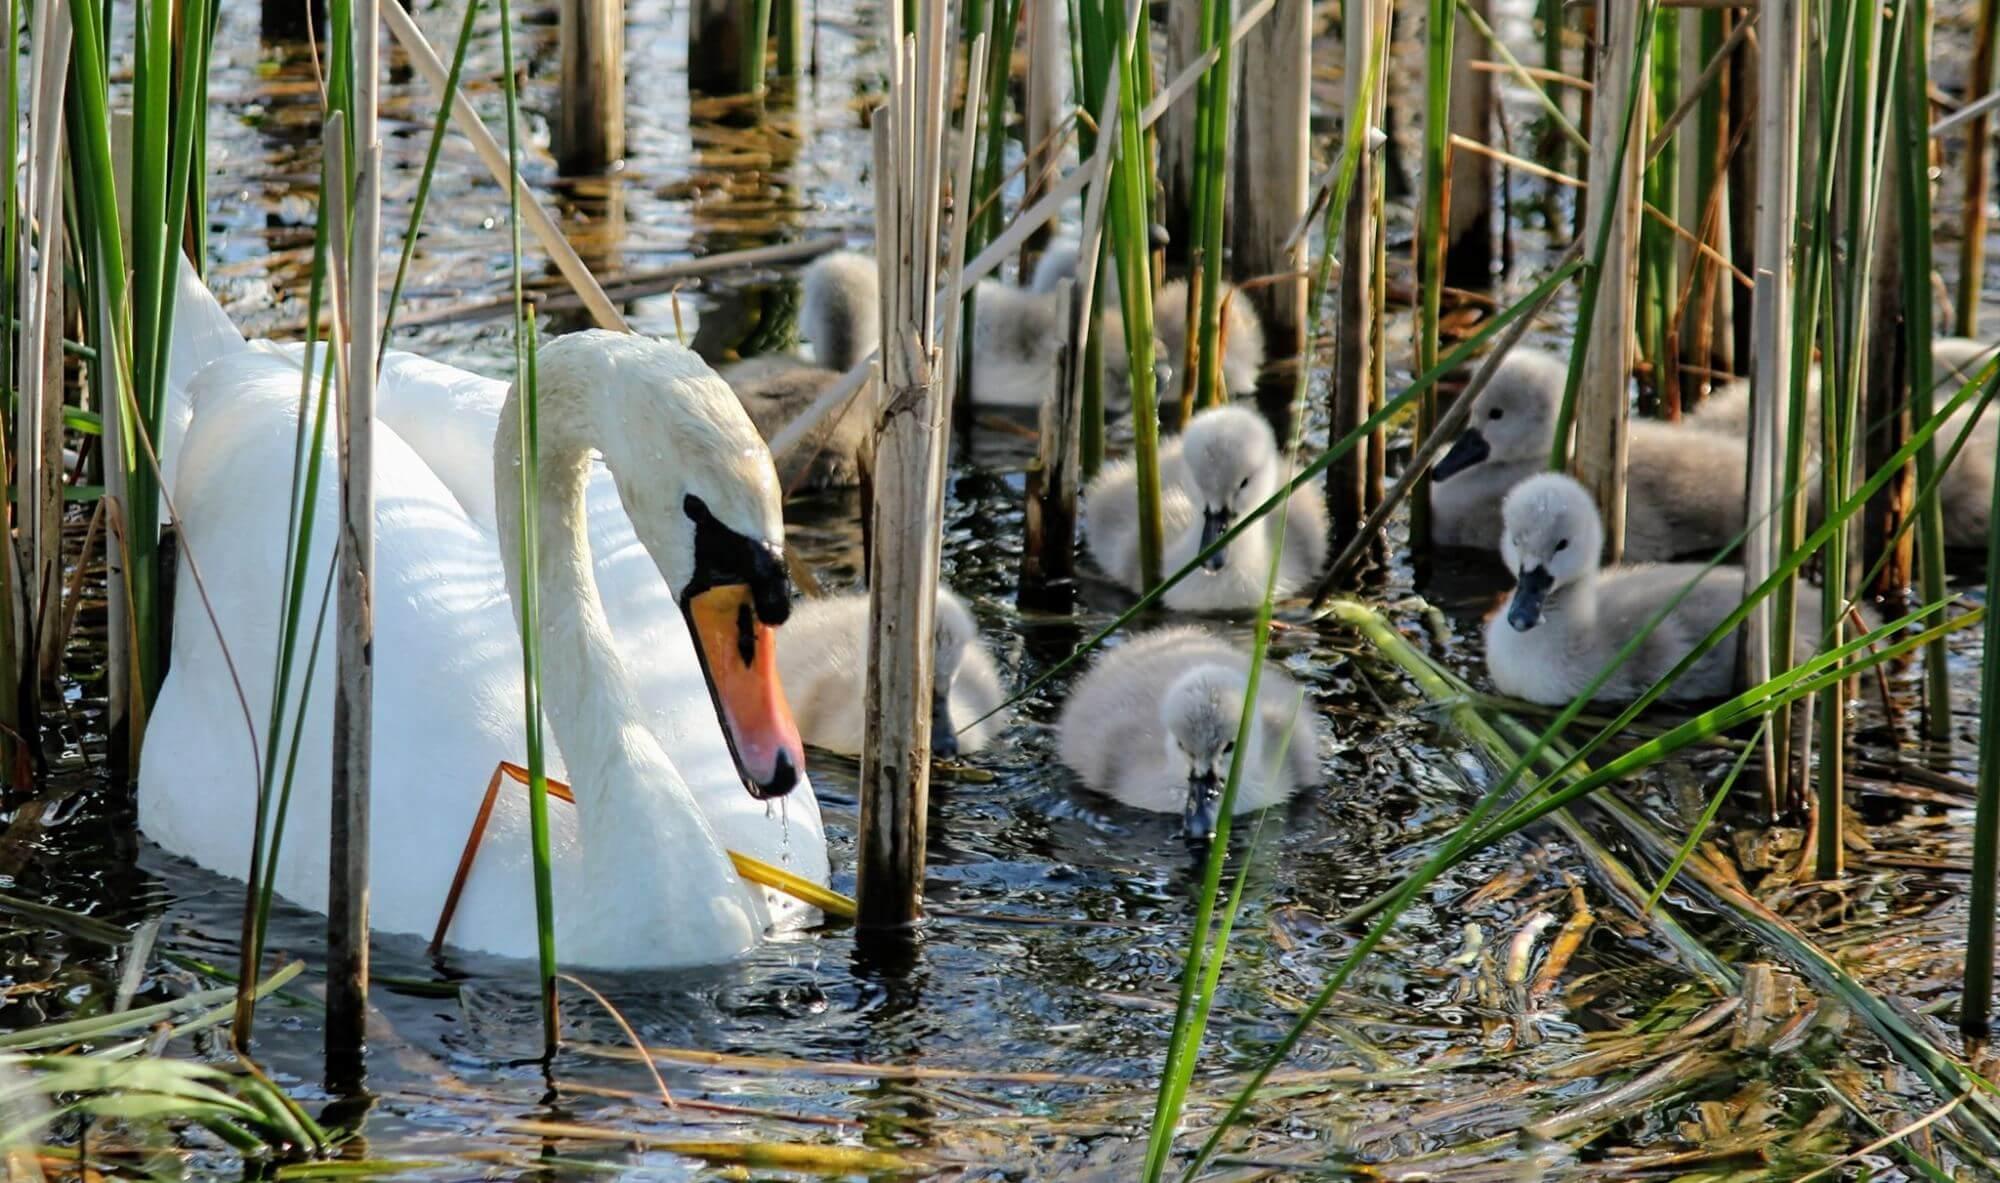 На Німецькому озері у лебедів Мартина і Мартусі з'явилася зграя малюків (ФОТО)